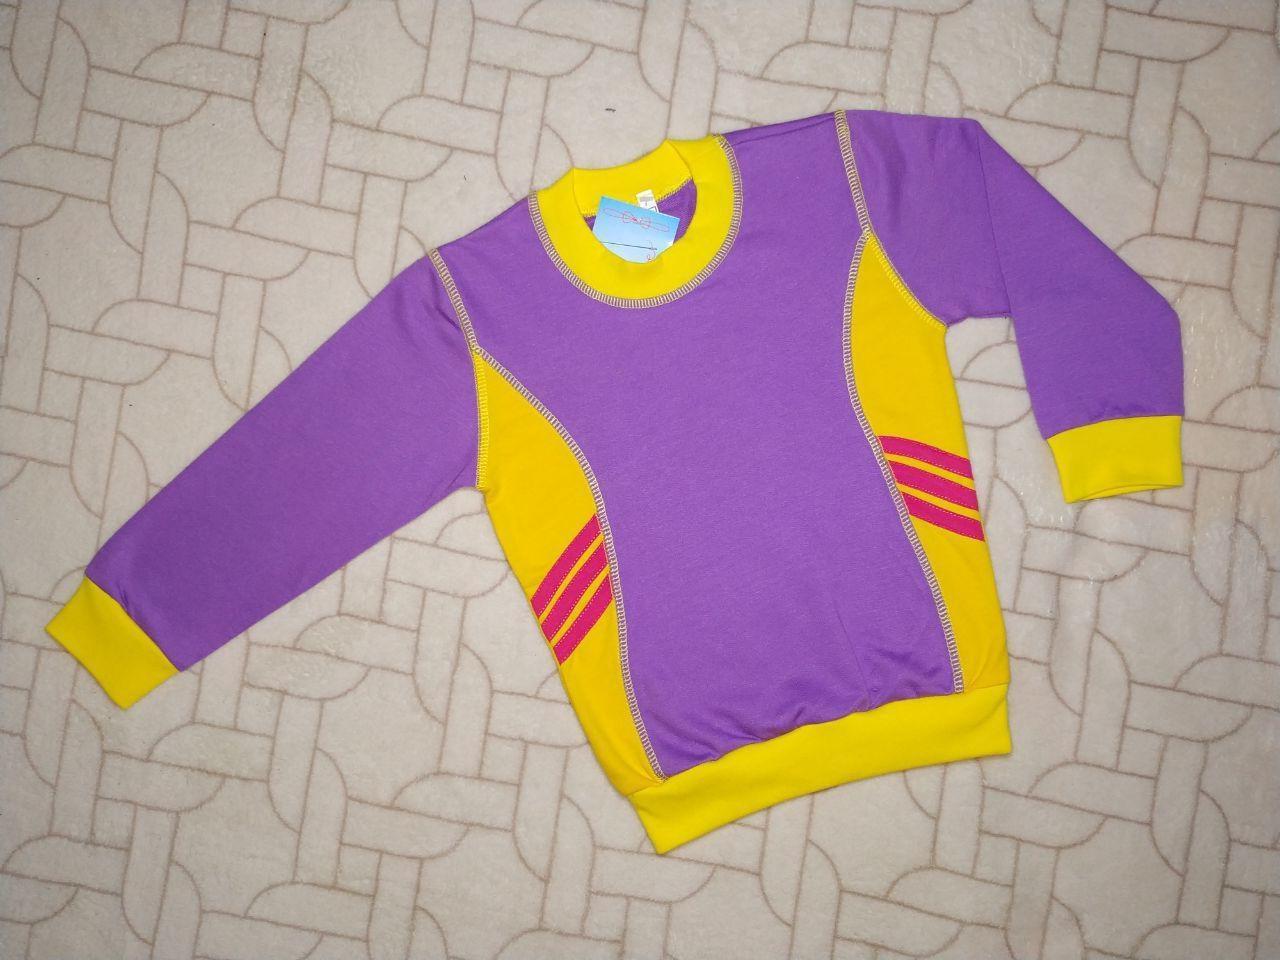 8e8a1e1c223336 ... Детский тёплый спортивный костюм Двунитка Размер 28(56) Дитячий теплий  спортивний костюм Двунитка ...